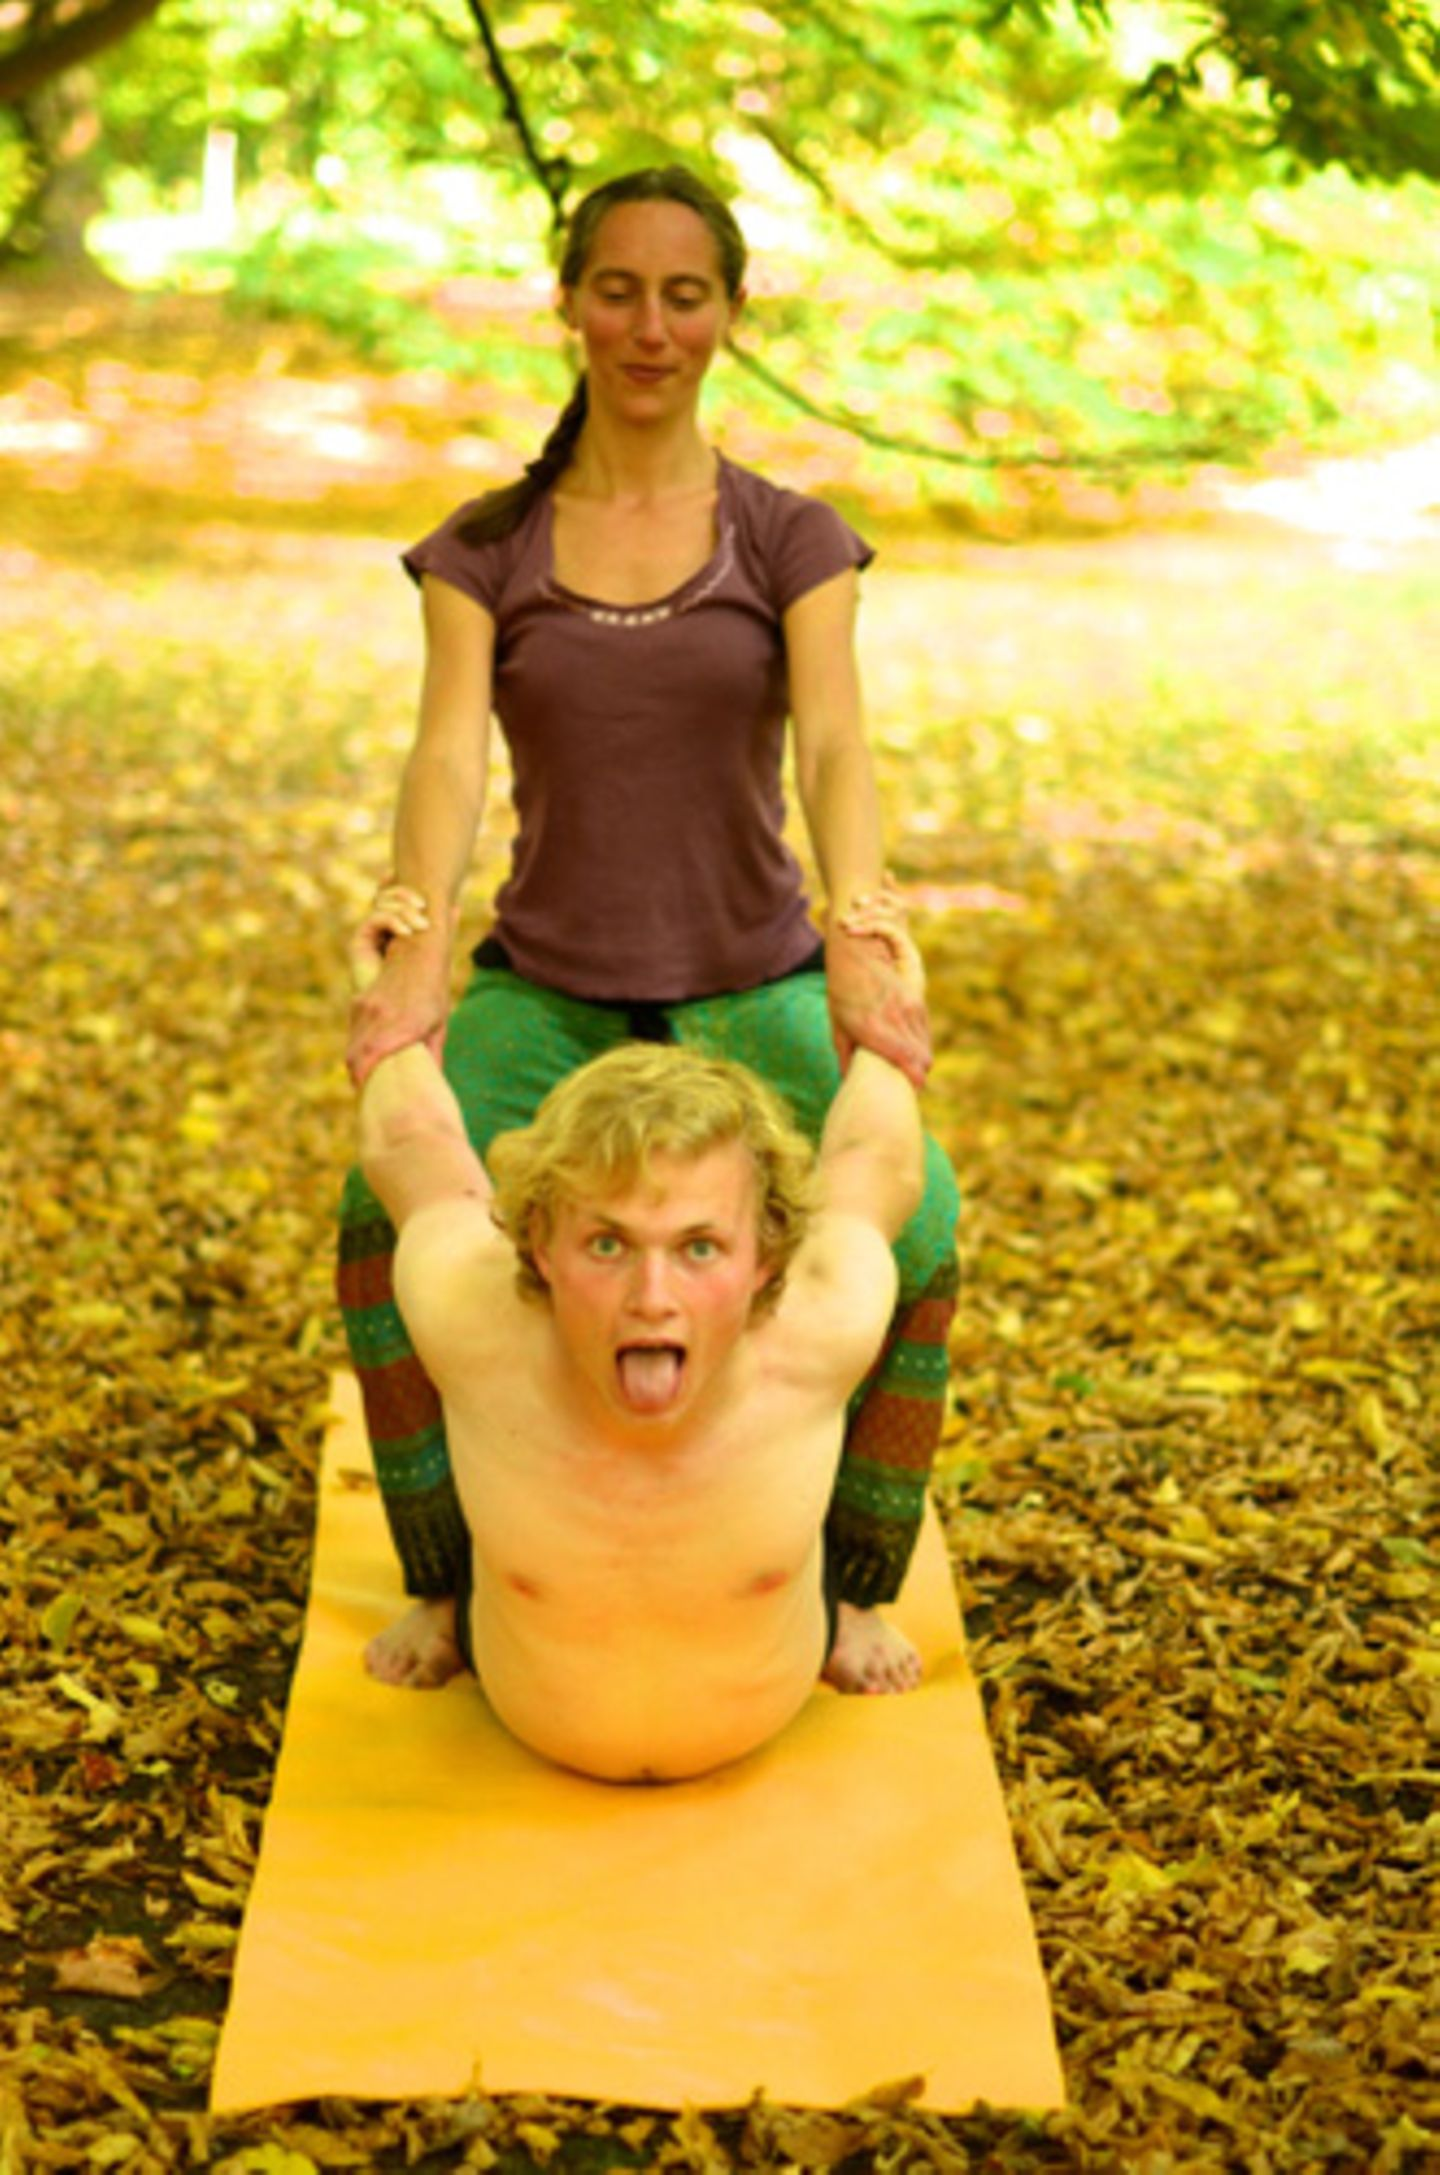 Muss ich schon Erfahrungen im Yoga haben, um diese Massage zu empfangen?